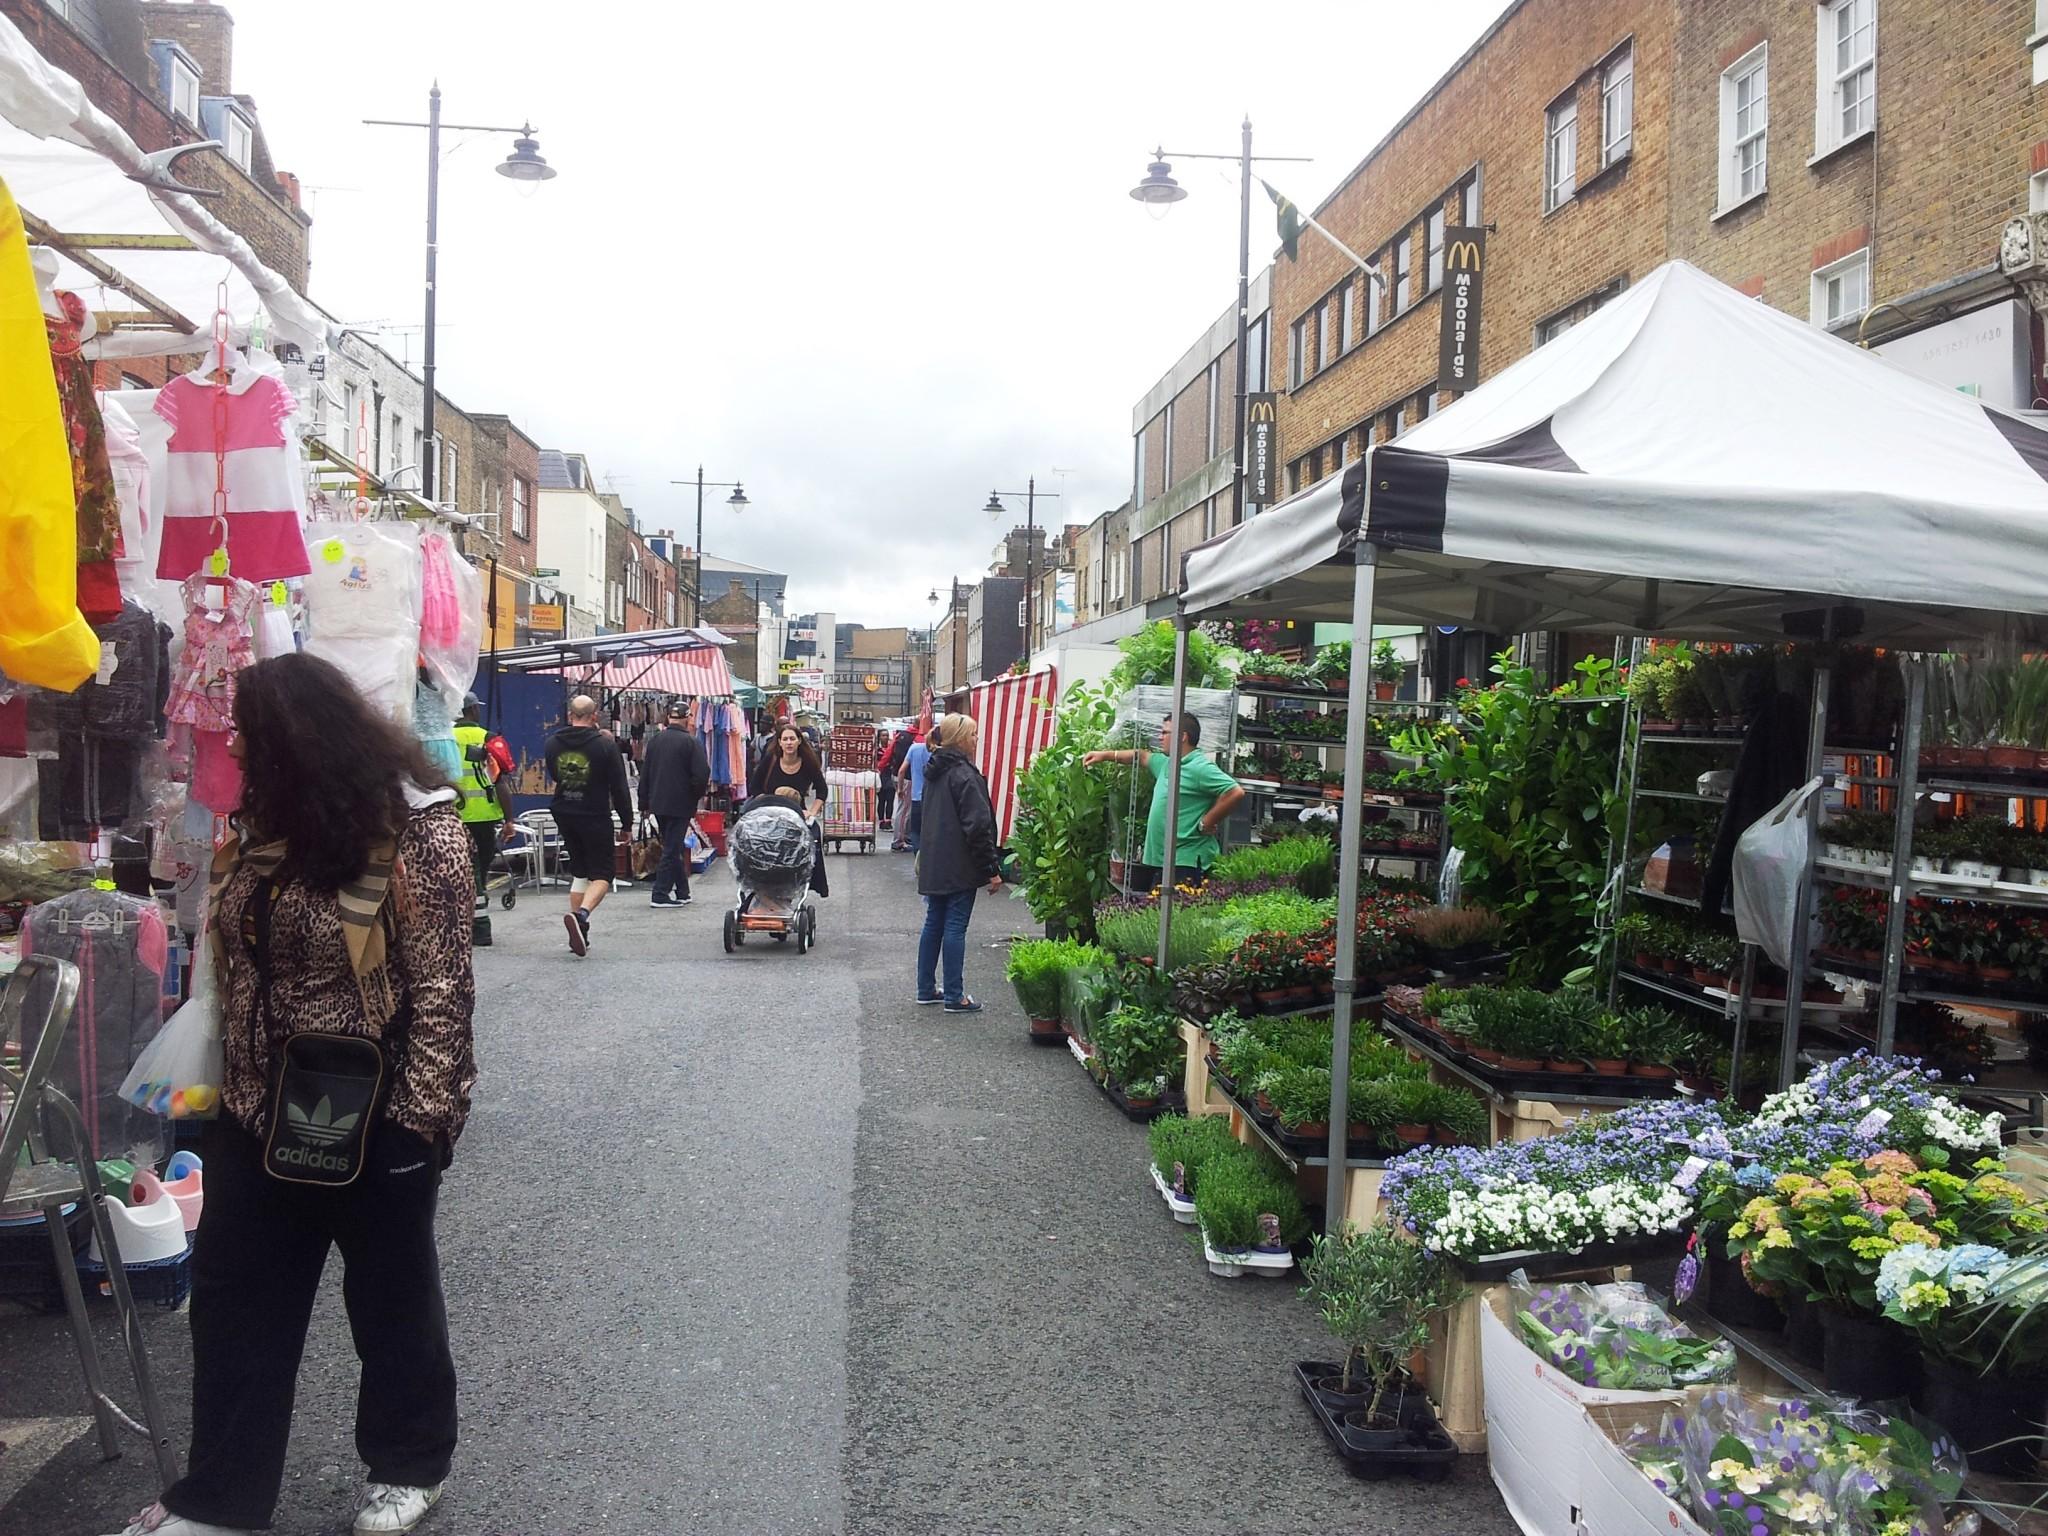 Chapel Market Islington I Love Marketsi Love Markets